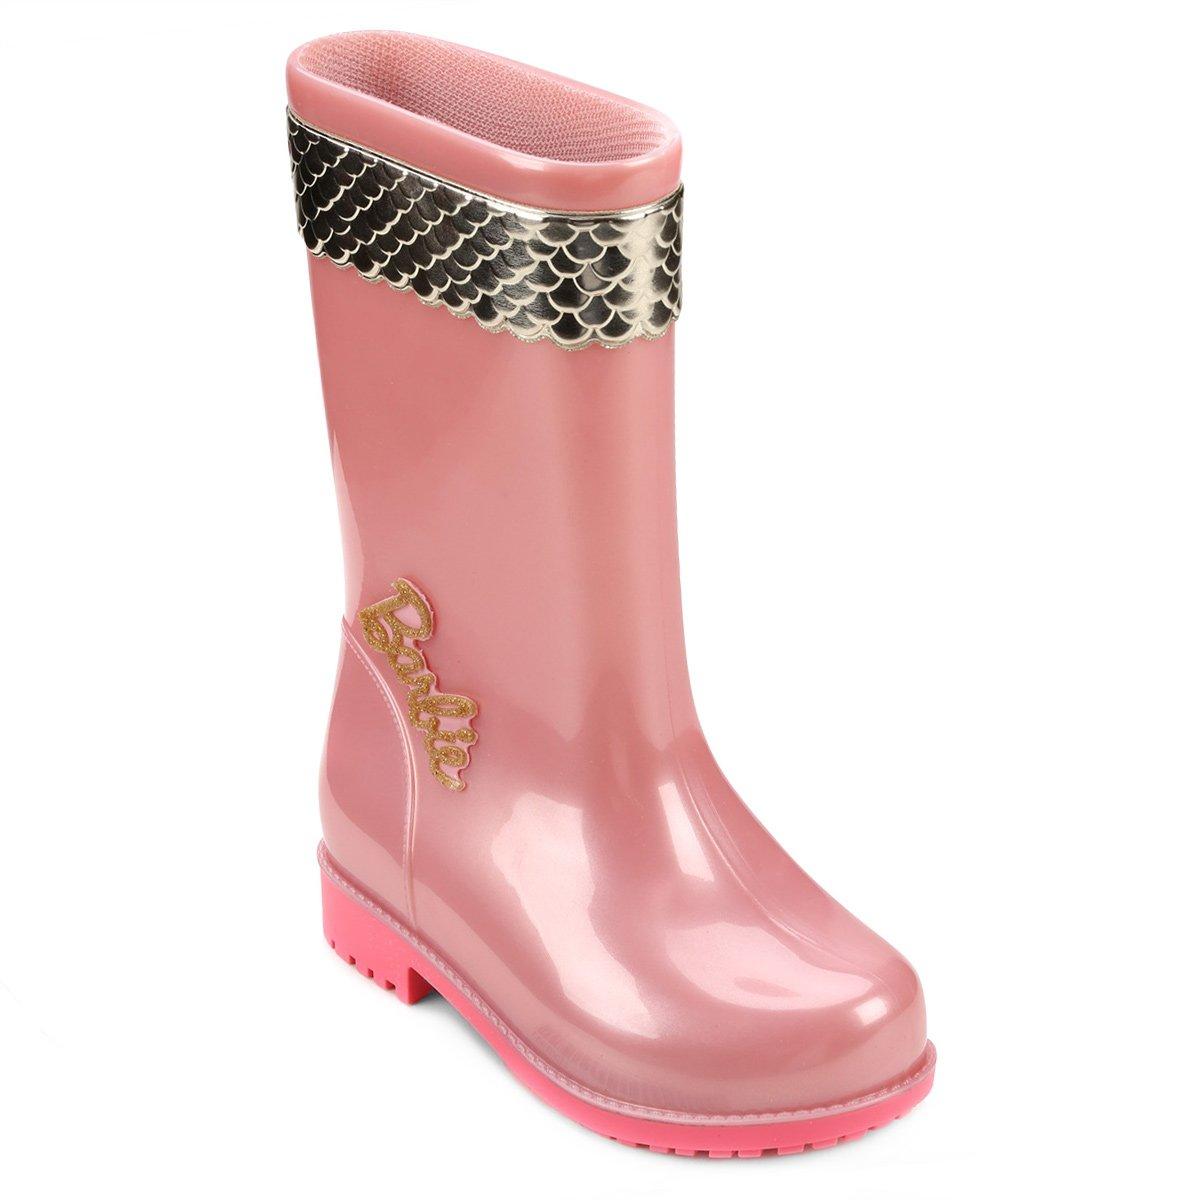 7e3e10b97b5 Galocha Infantil Grendene Barbie Magic Girl Feminina